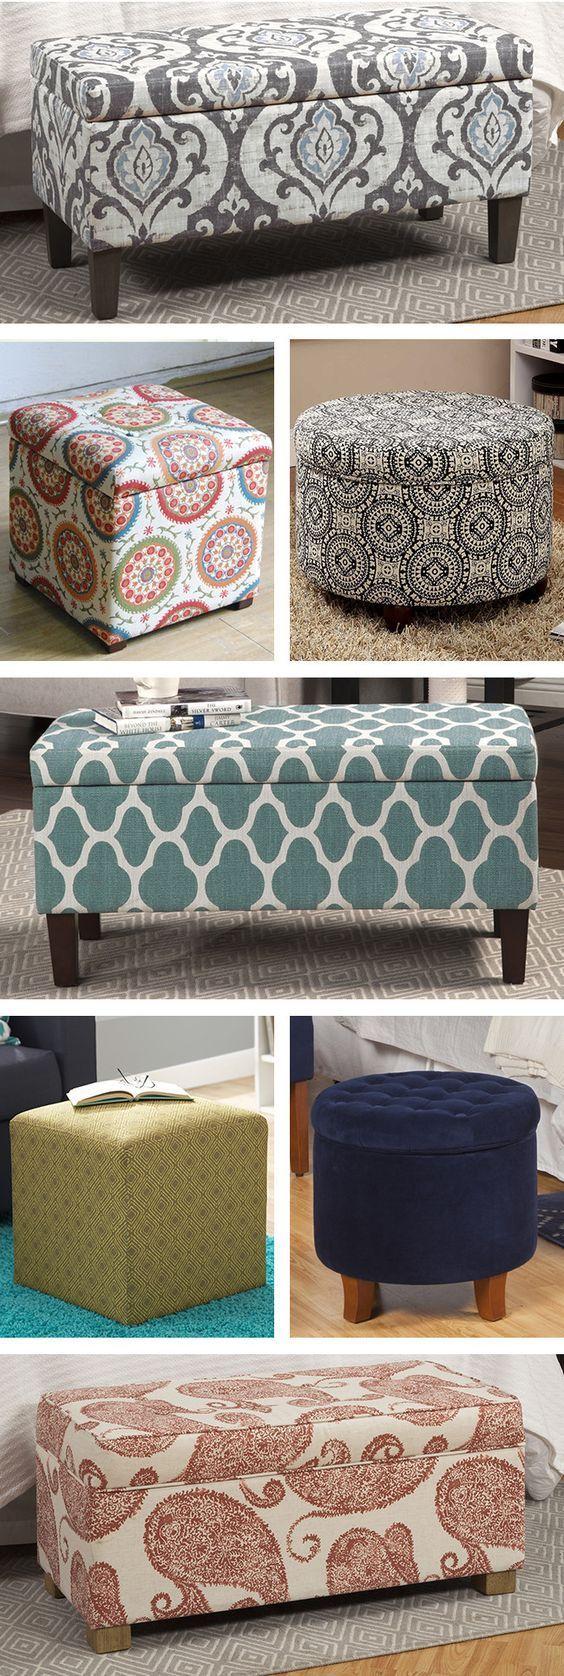 #FurniturePieces